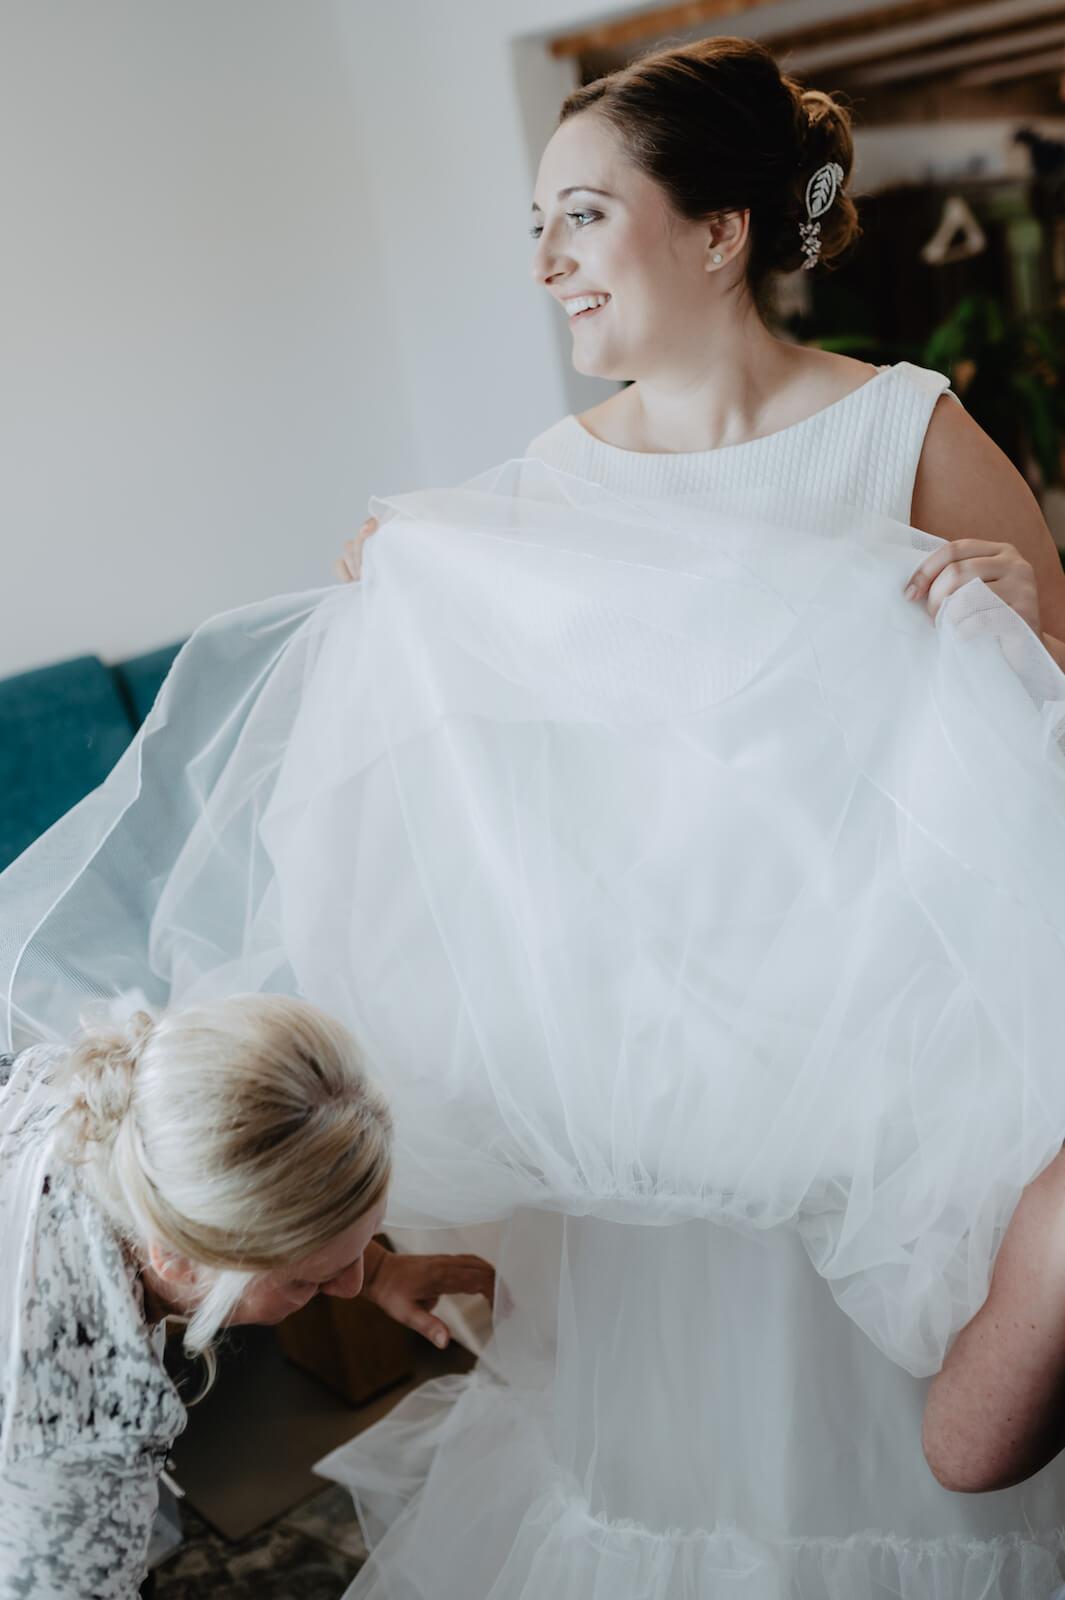 Gartenhochzeit Buchloe - Mutter und Braut beim Anziehen des Brautkleides